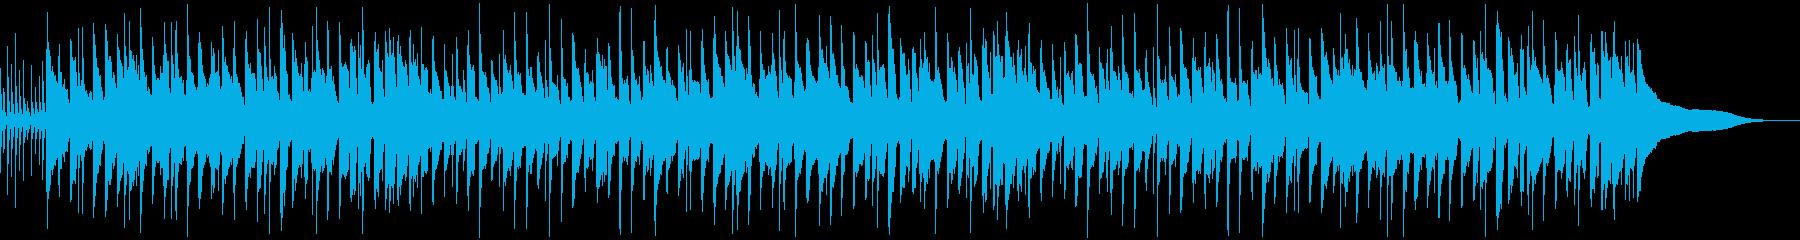 カントリー風ほのぼのBGMの再生済みの波形